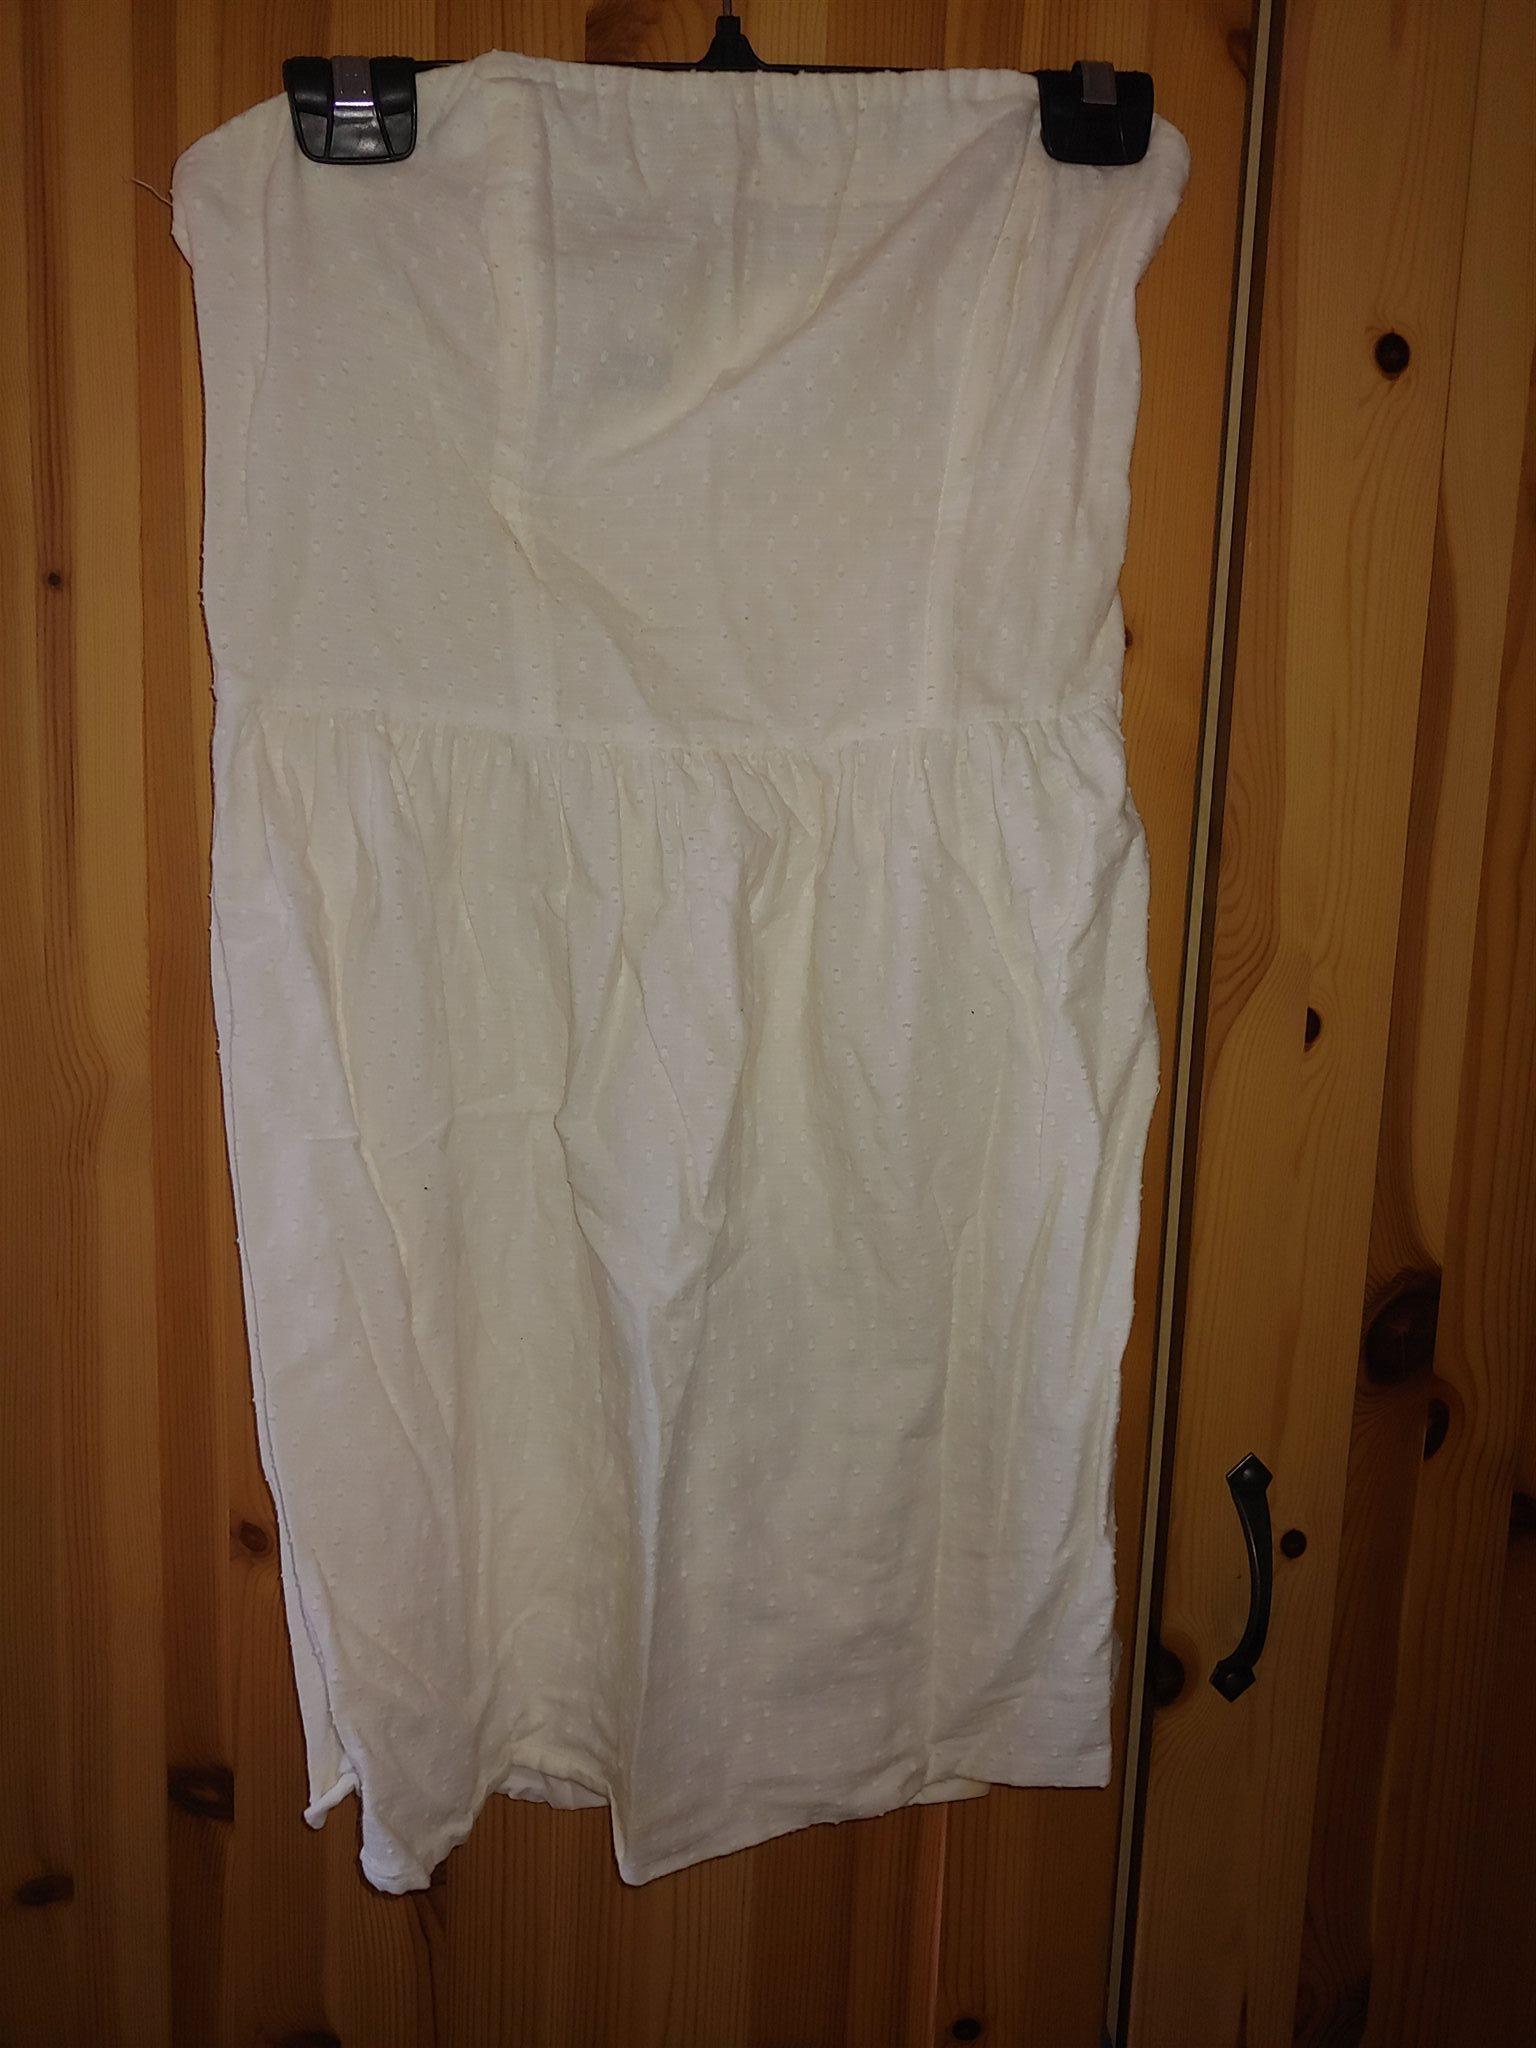 Vit söt axelbandslös klänning student strl 38 (338133528) ᐈ Köp på ... fad3451152bc2